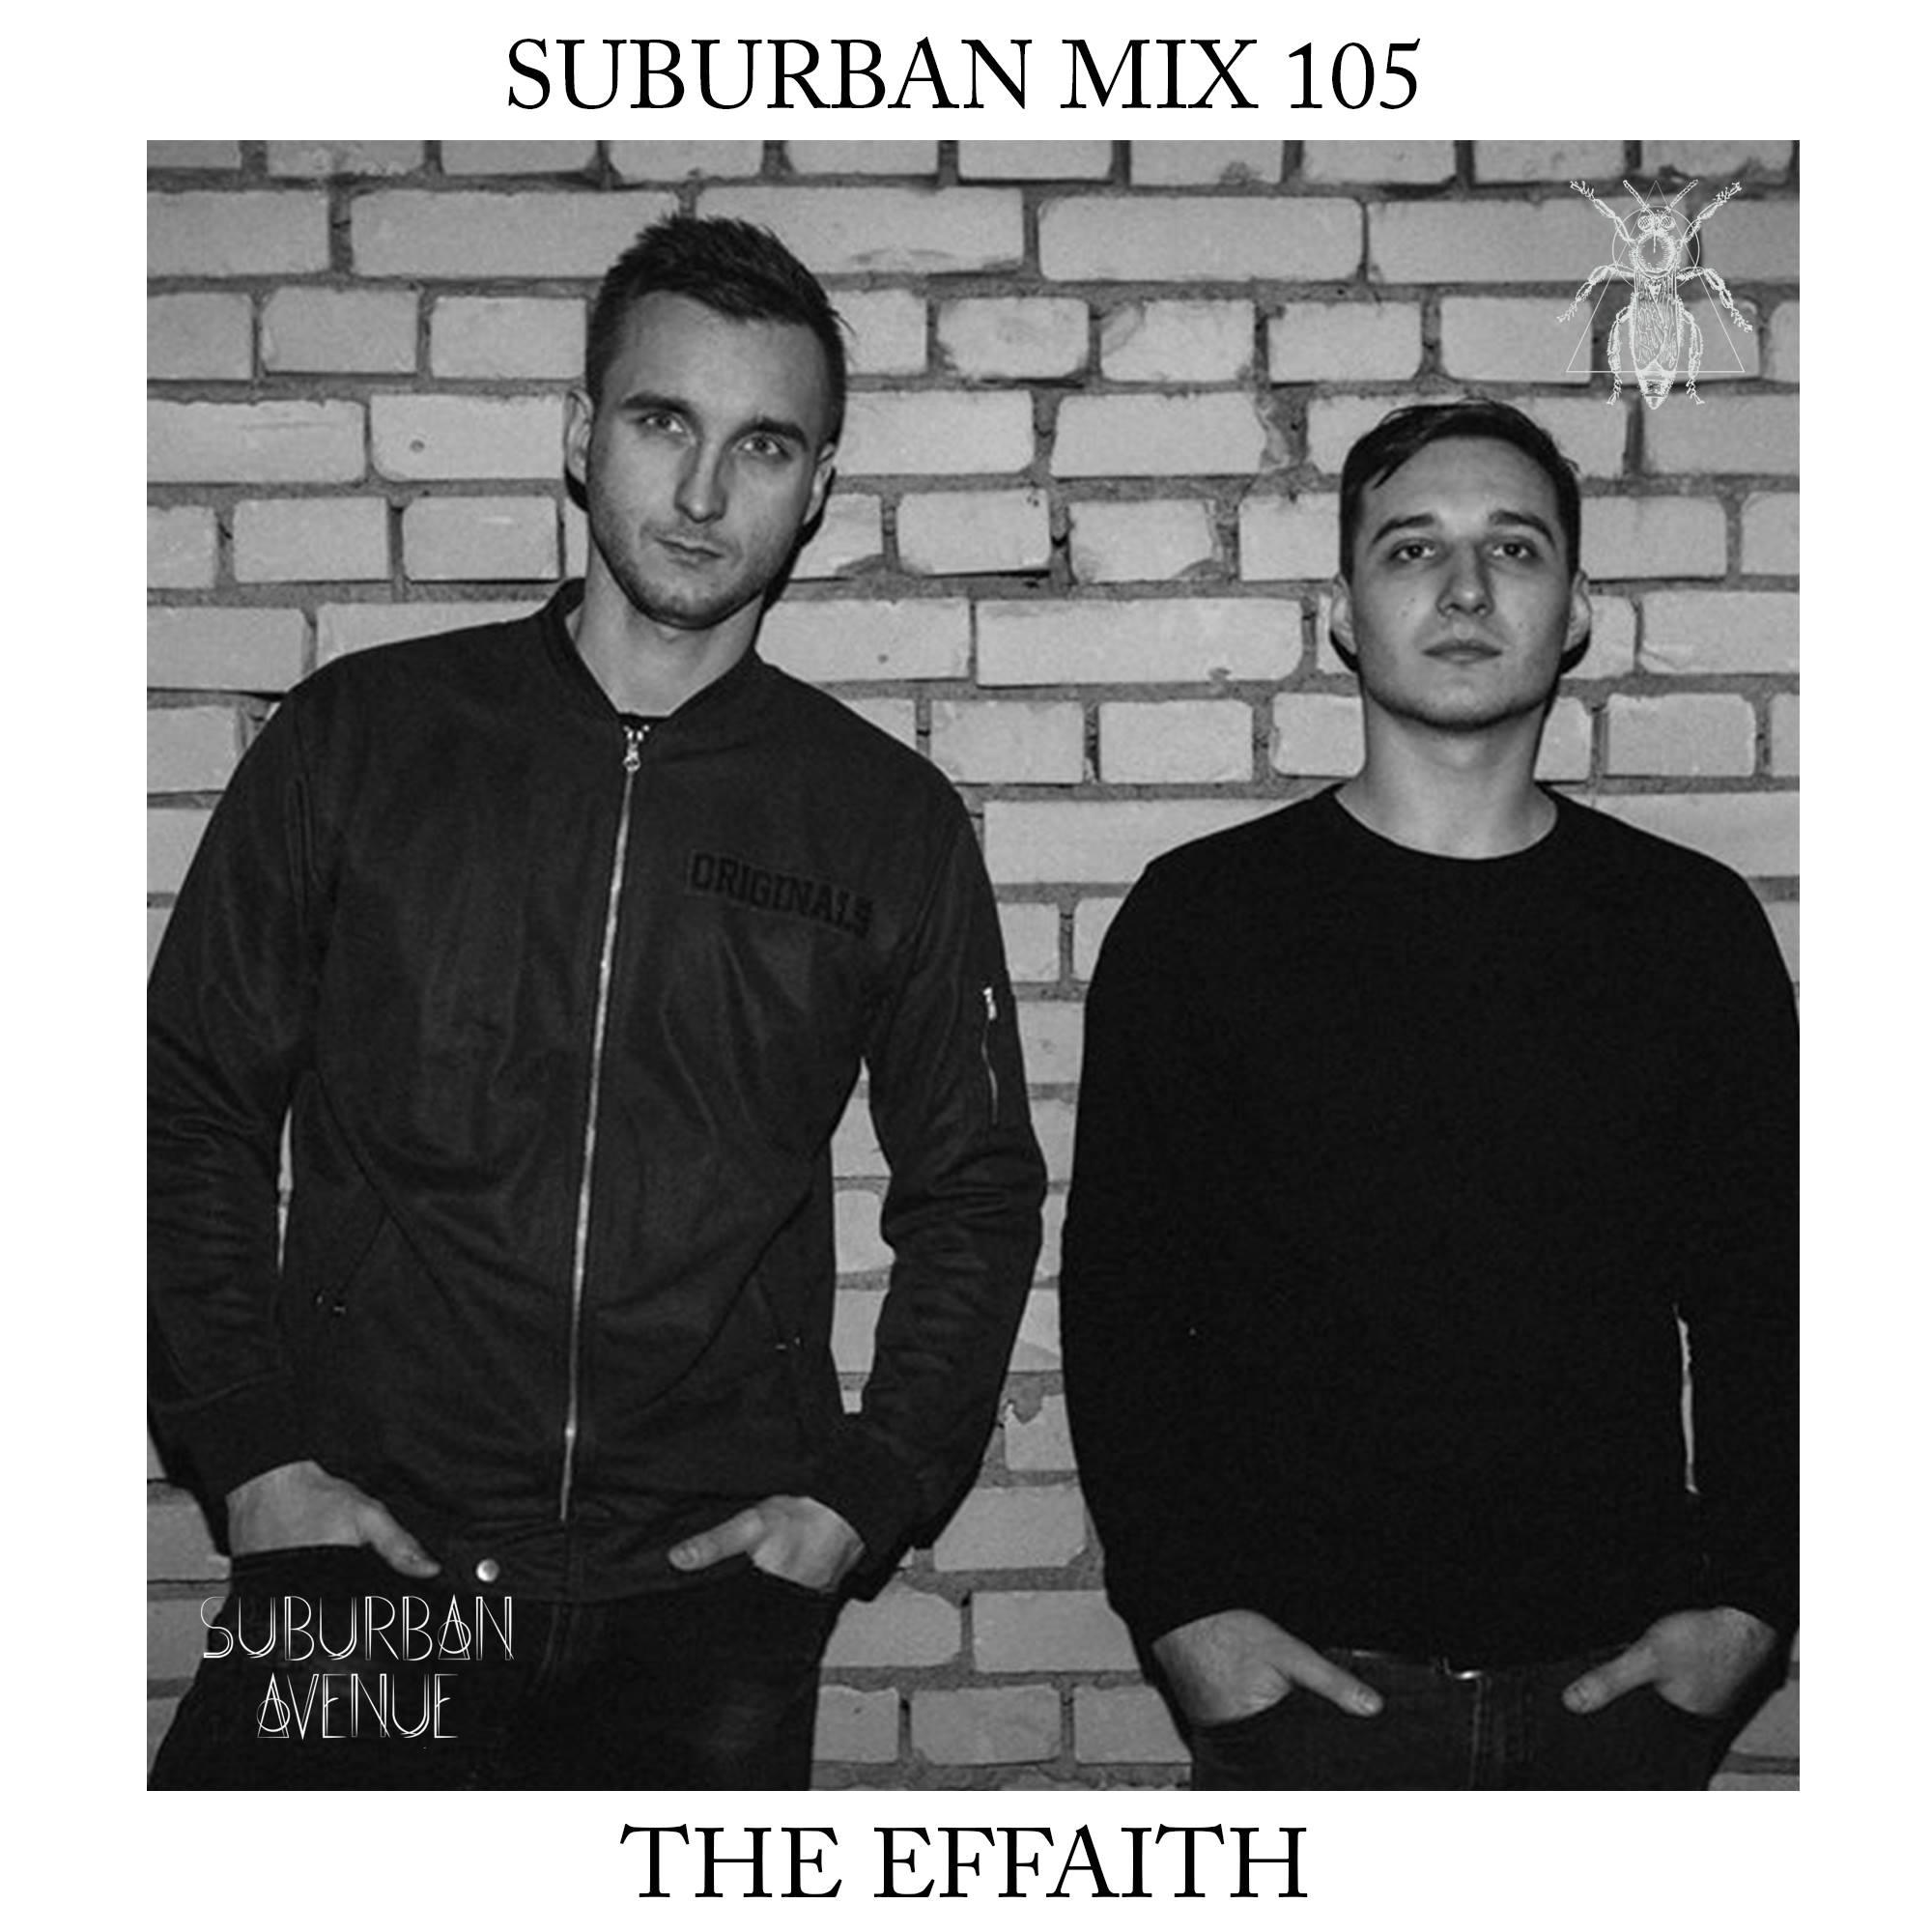 Suburban Mix 105 - The Effaith